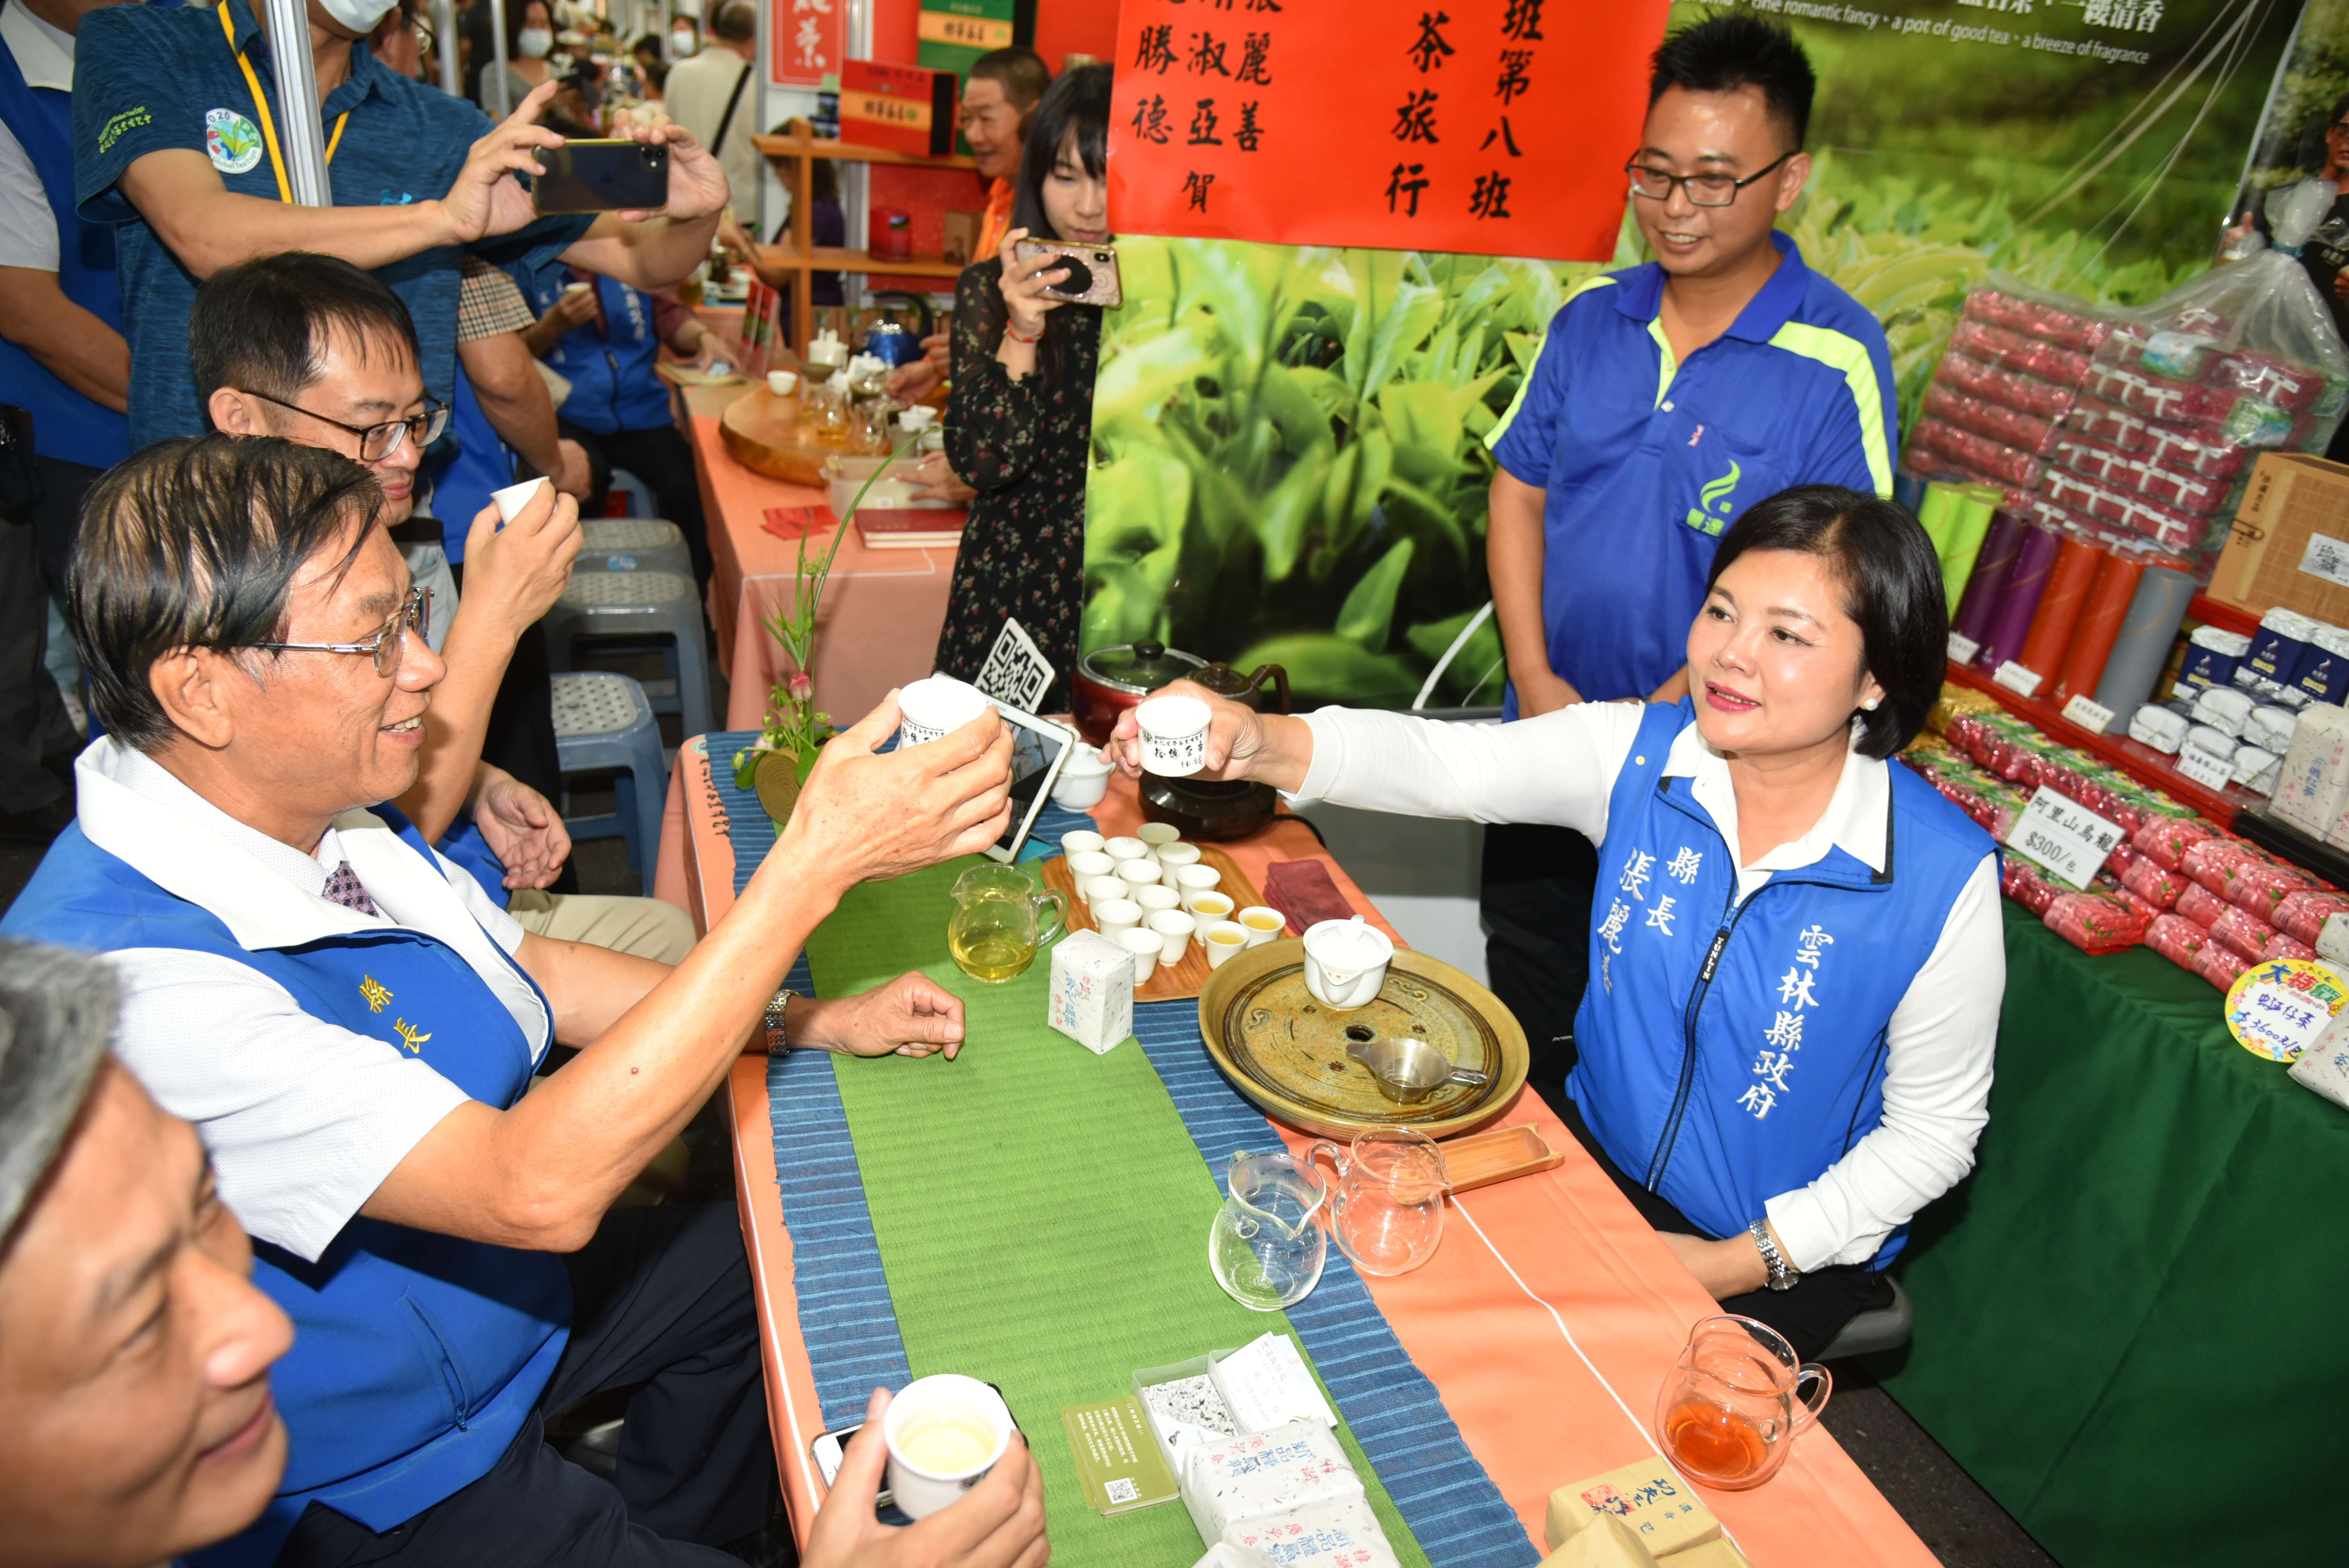 張縣長率縣府團隊為雲林宣傳「台灣咖啡節」及「雲林咖啡半程馬拉松」